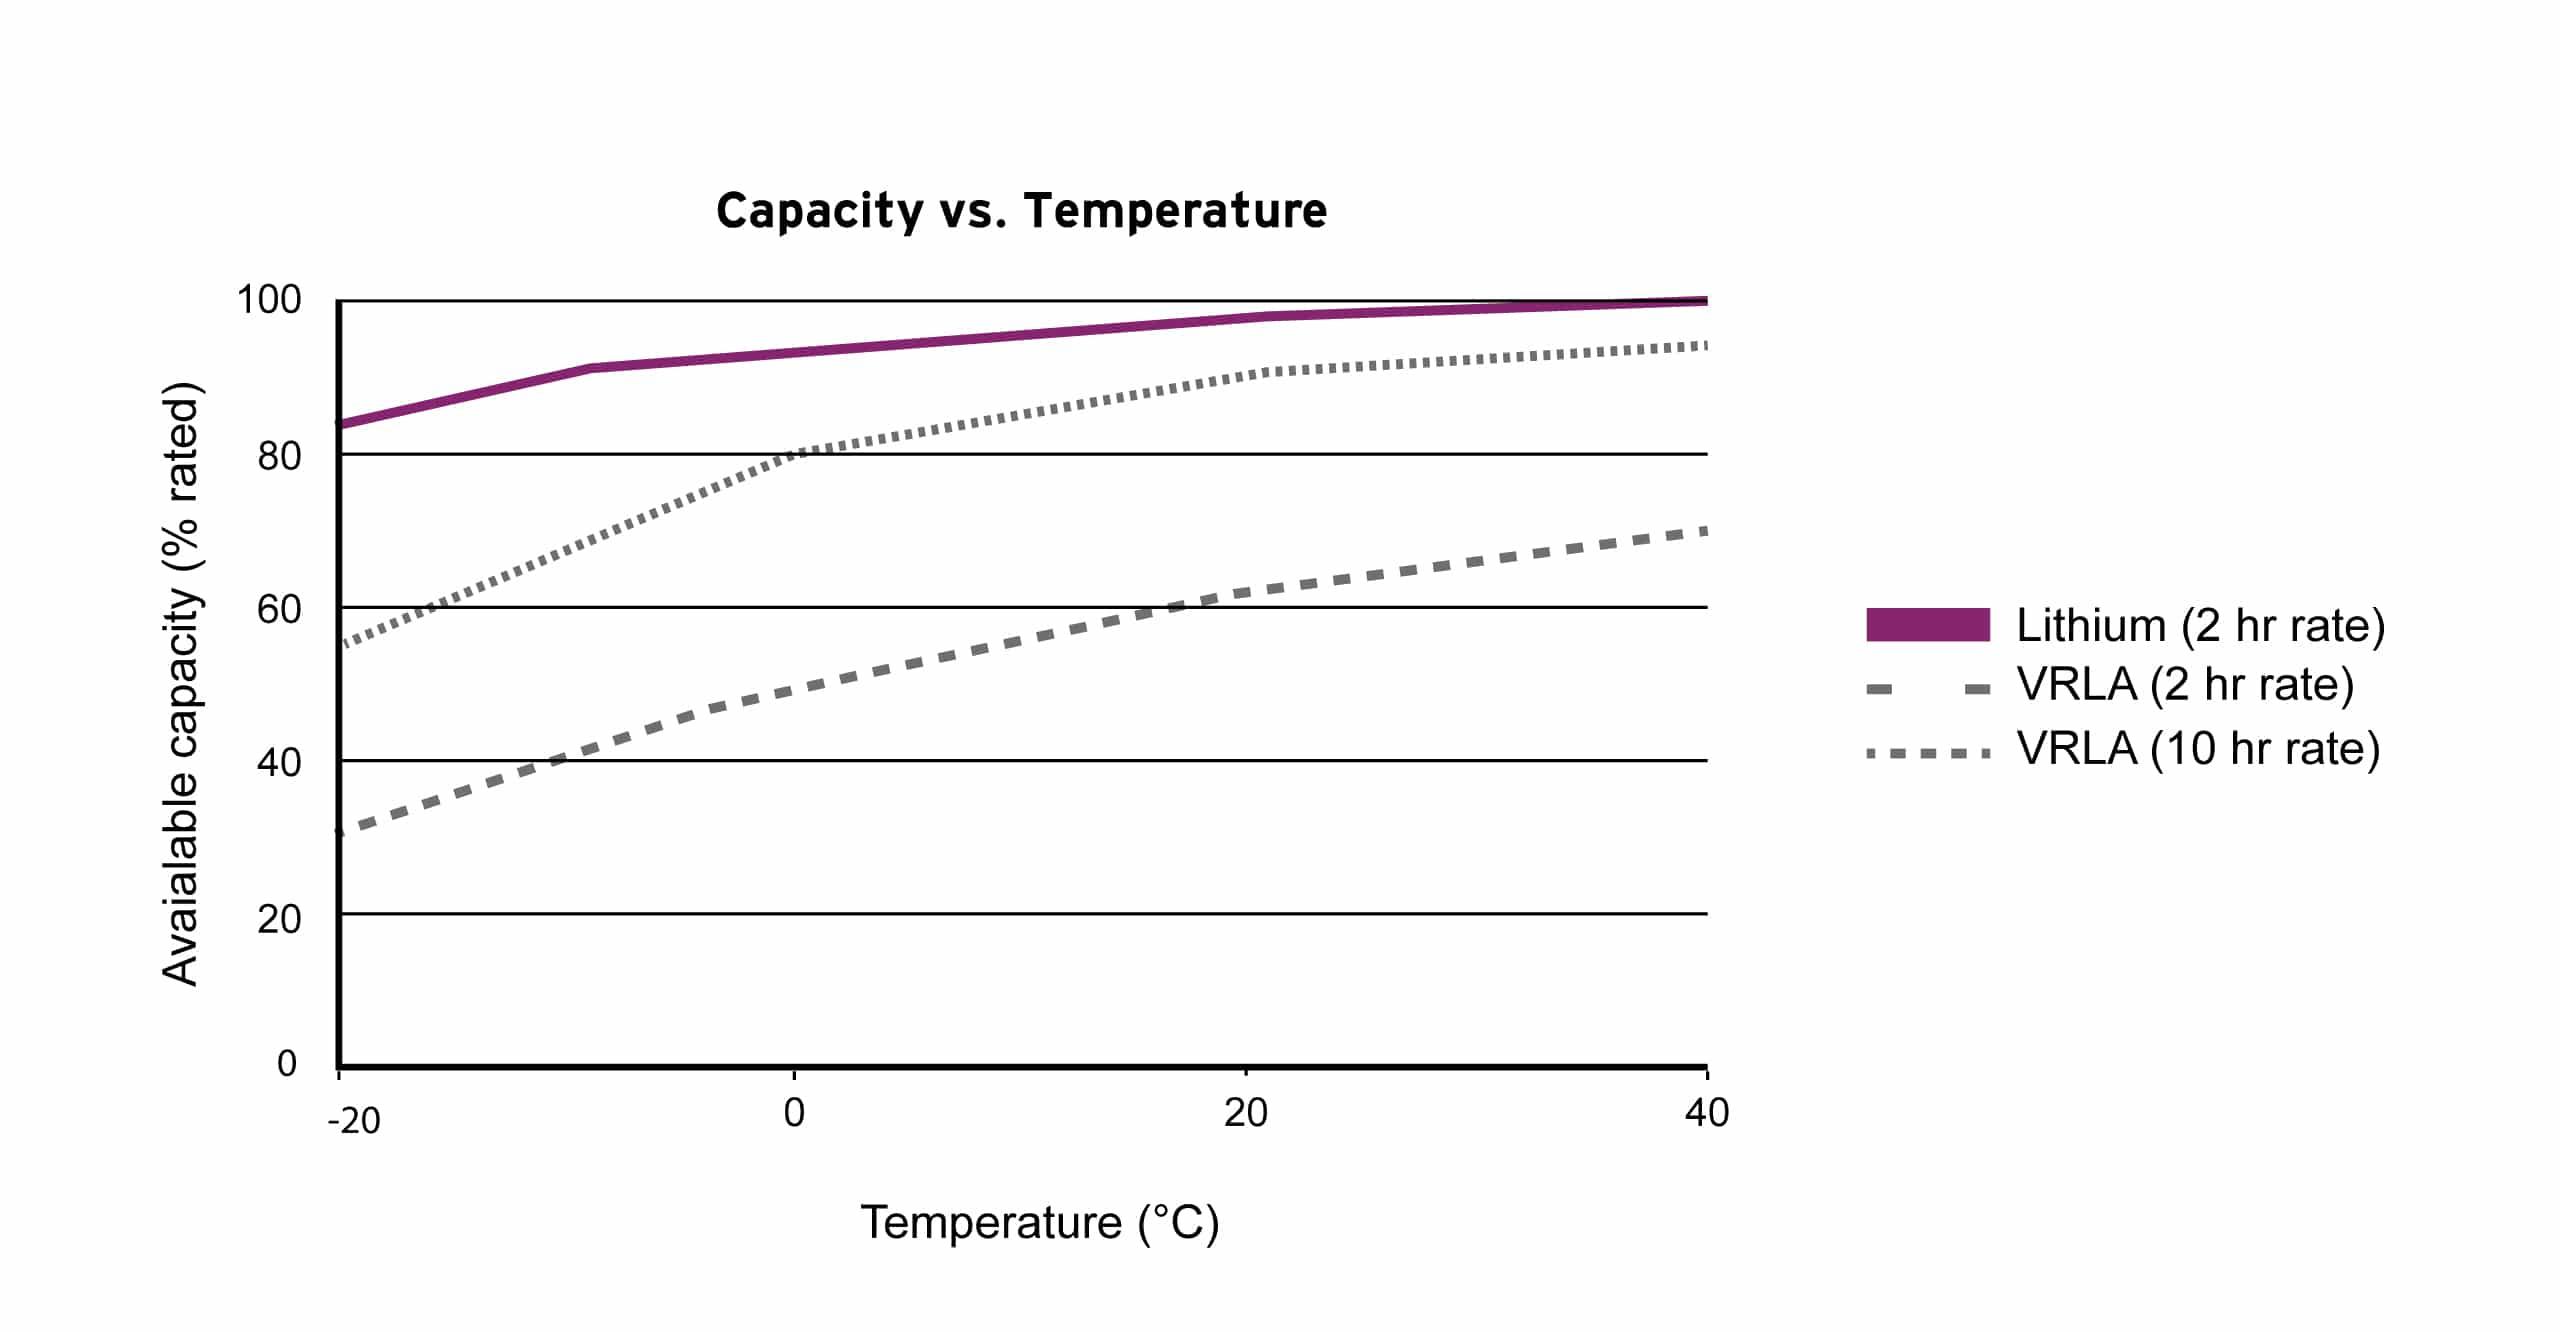 Lithium-ion battery capacity versus temperature